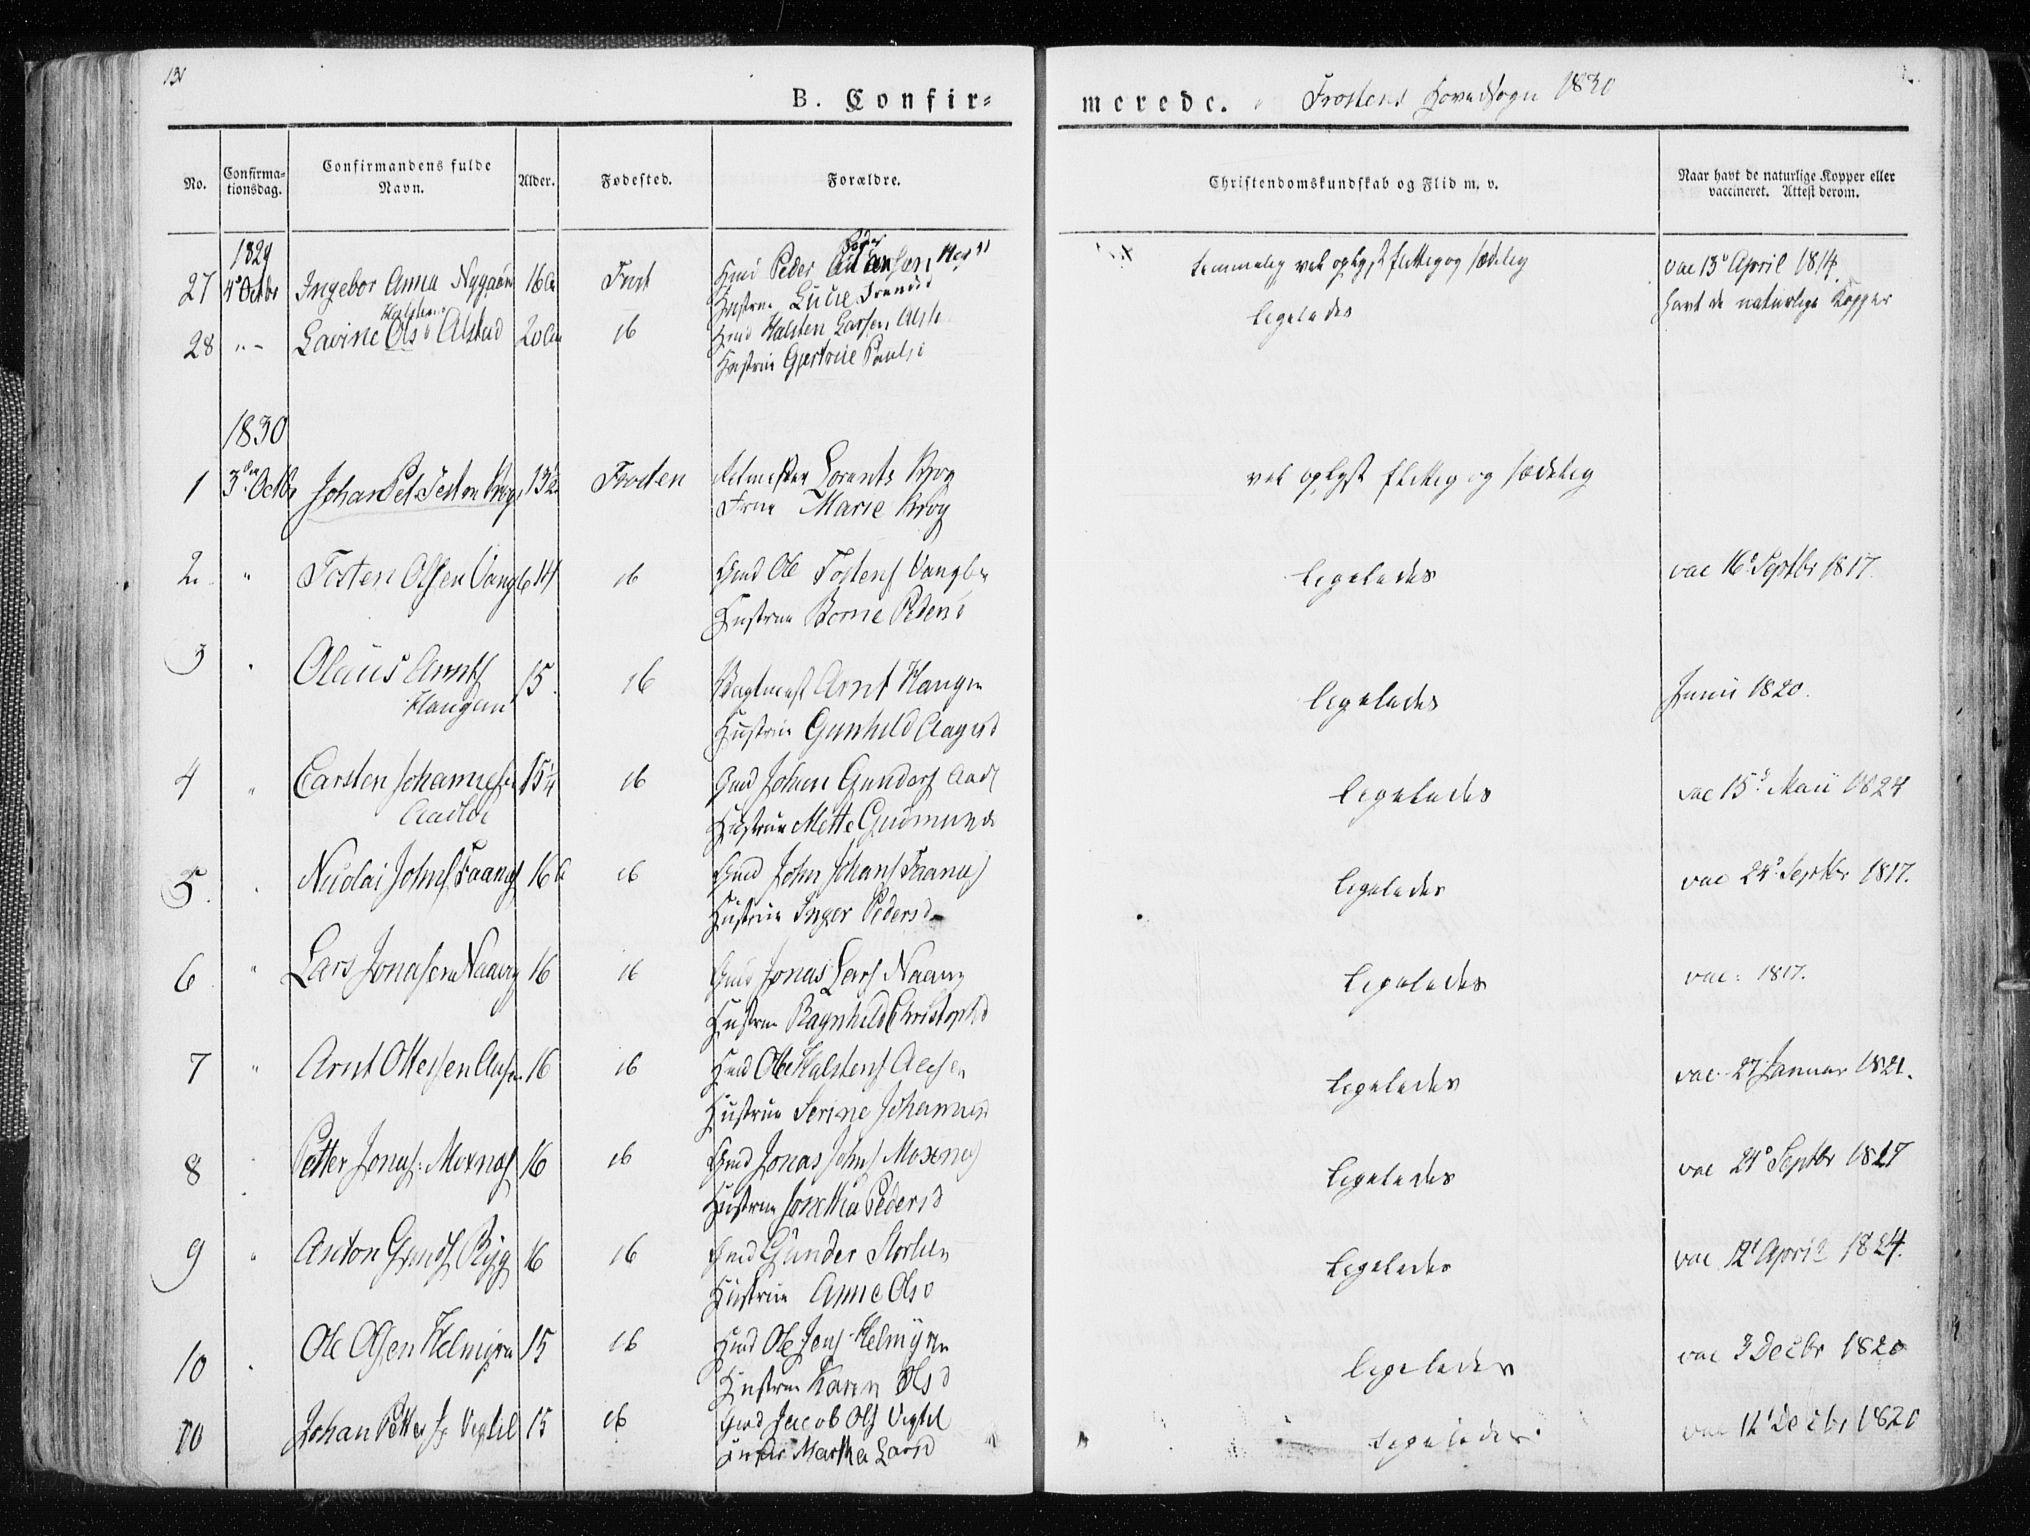 SAT, Ministerialprotokoller, klokkerbøker og fødselsregistre - Nord-Trøndelag, 713/L0114: Ministerialbok nr. 713A05, 1827-1839, s. 131